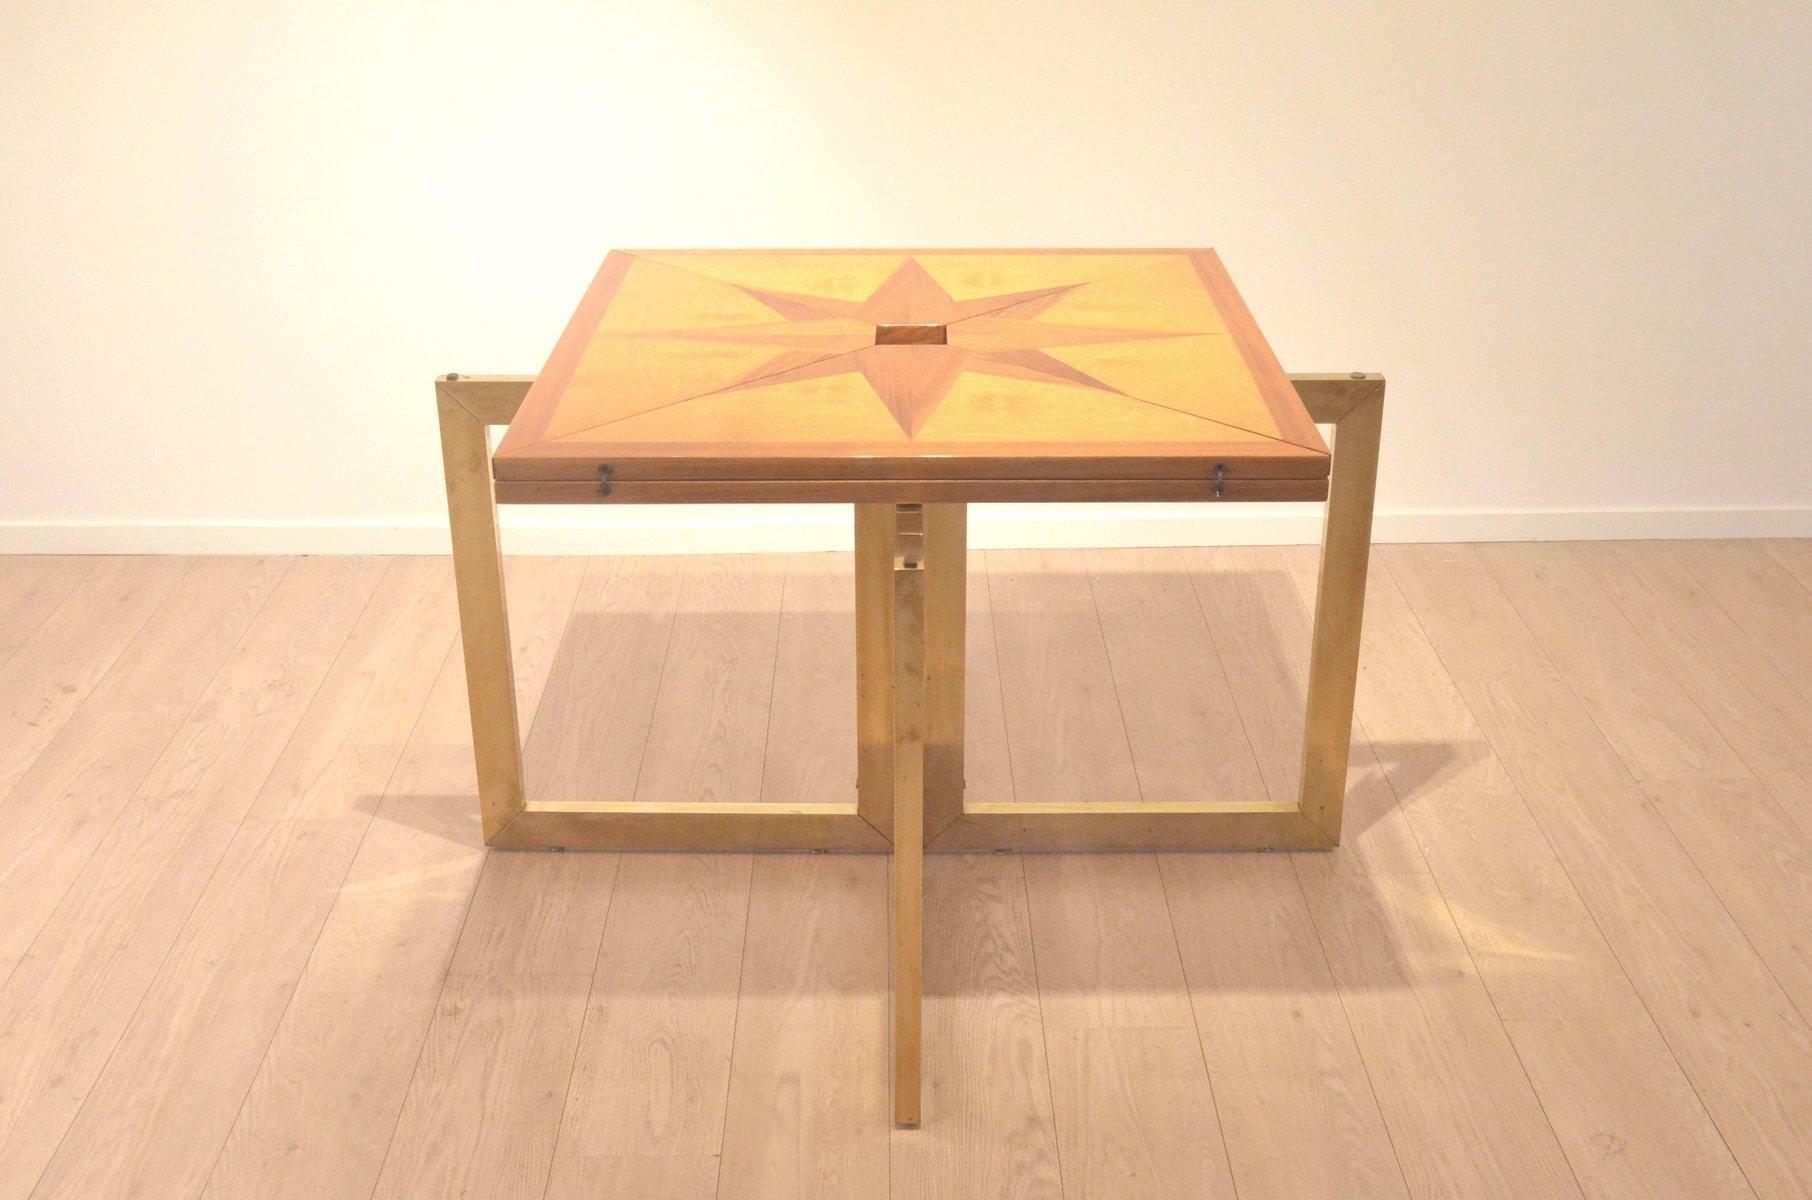 Table de salle manger rallonges en bois bicolore for Table bois bicolore